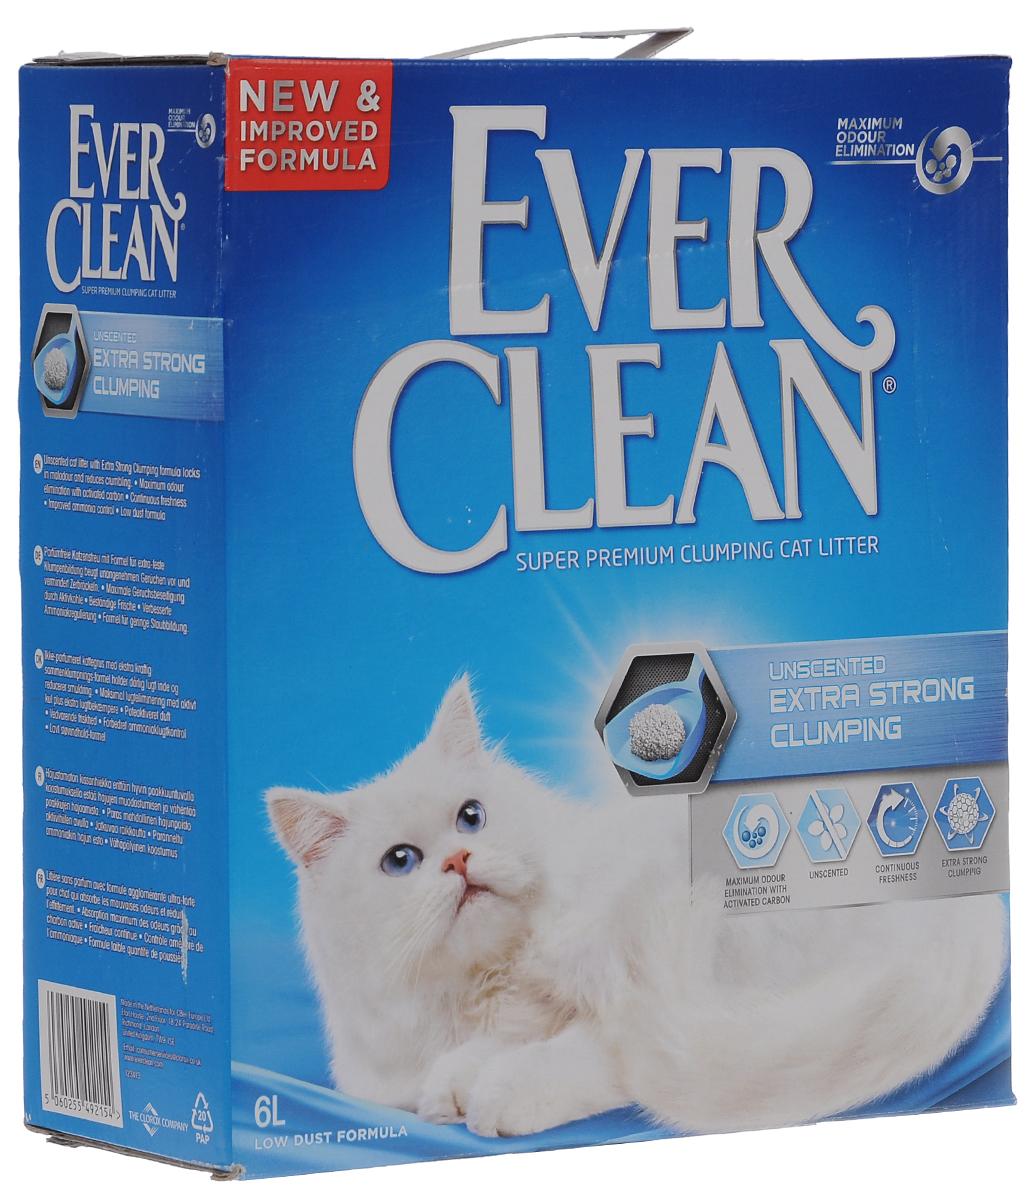 Наполнитель для кошачьего туалета Ever Clean Extra Strong Clumpin , комкующийся, без ароматизатора, 6 л59651_без ароматизатораНаполнитель для кошачьего туалета Ever Clean - это элитная серия высококачественных комкующихся наполнителей с уникальными свойствами. Сделан из бентонита - глины с уникальным впитывающими свойствами. Наполнитель на 99% состоит из специально обработанной, очищенной и свободной от пыли глины, поэтому аллергические реакции у людей и кошек наблюдаются очень редко. Специальные вещества в его составе уничтожают бактерии ипоглощают неприятные запахи. В ядро каждой гранулы помещен специальным образом обработанныйактивированный уголь для максимального контроля запахов. Гранулы наполнителя не только отлично впитывают, но и образуют крепкие комки. Состав: глина, активированный уголь.Объем: 6 л.